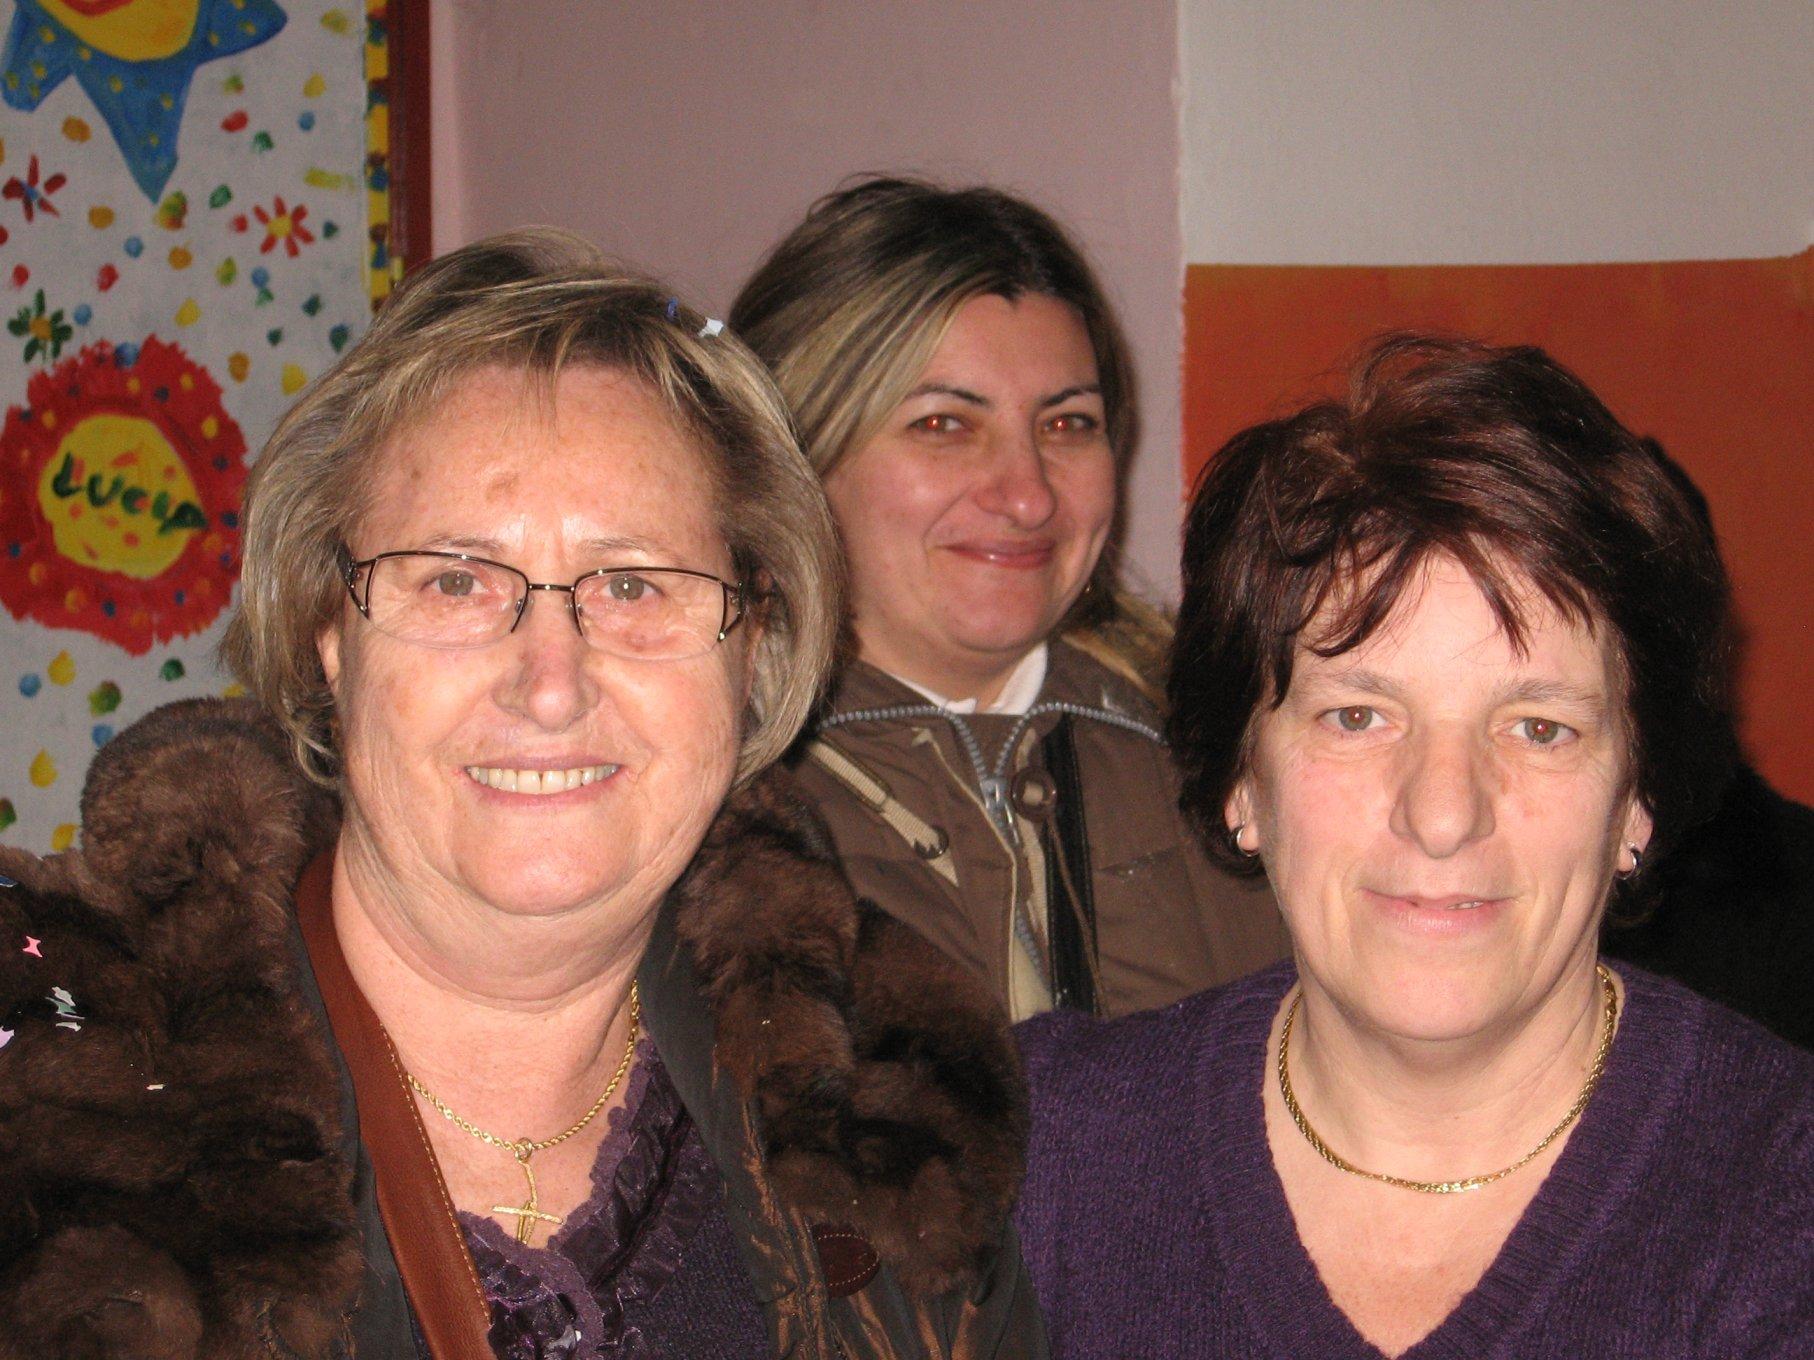 Pentolaccia-2009-02-22--18.03.45.jpg